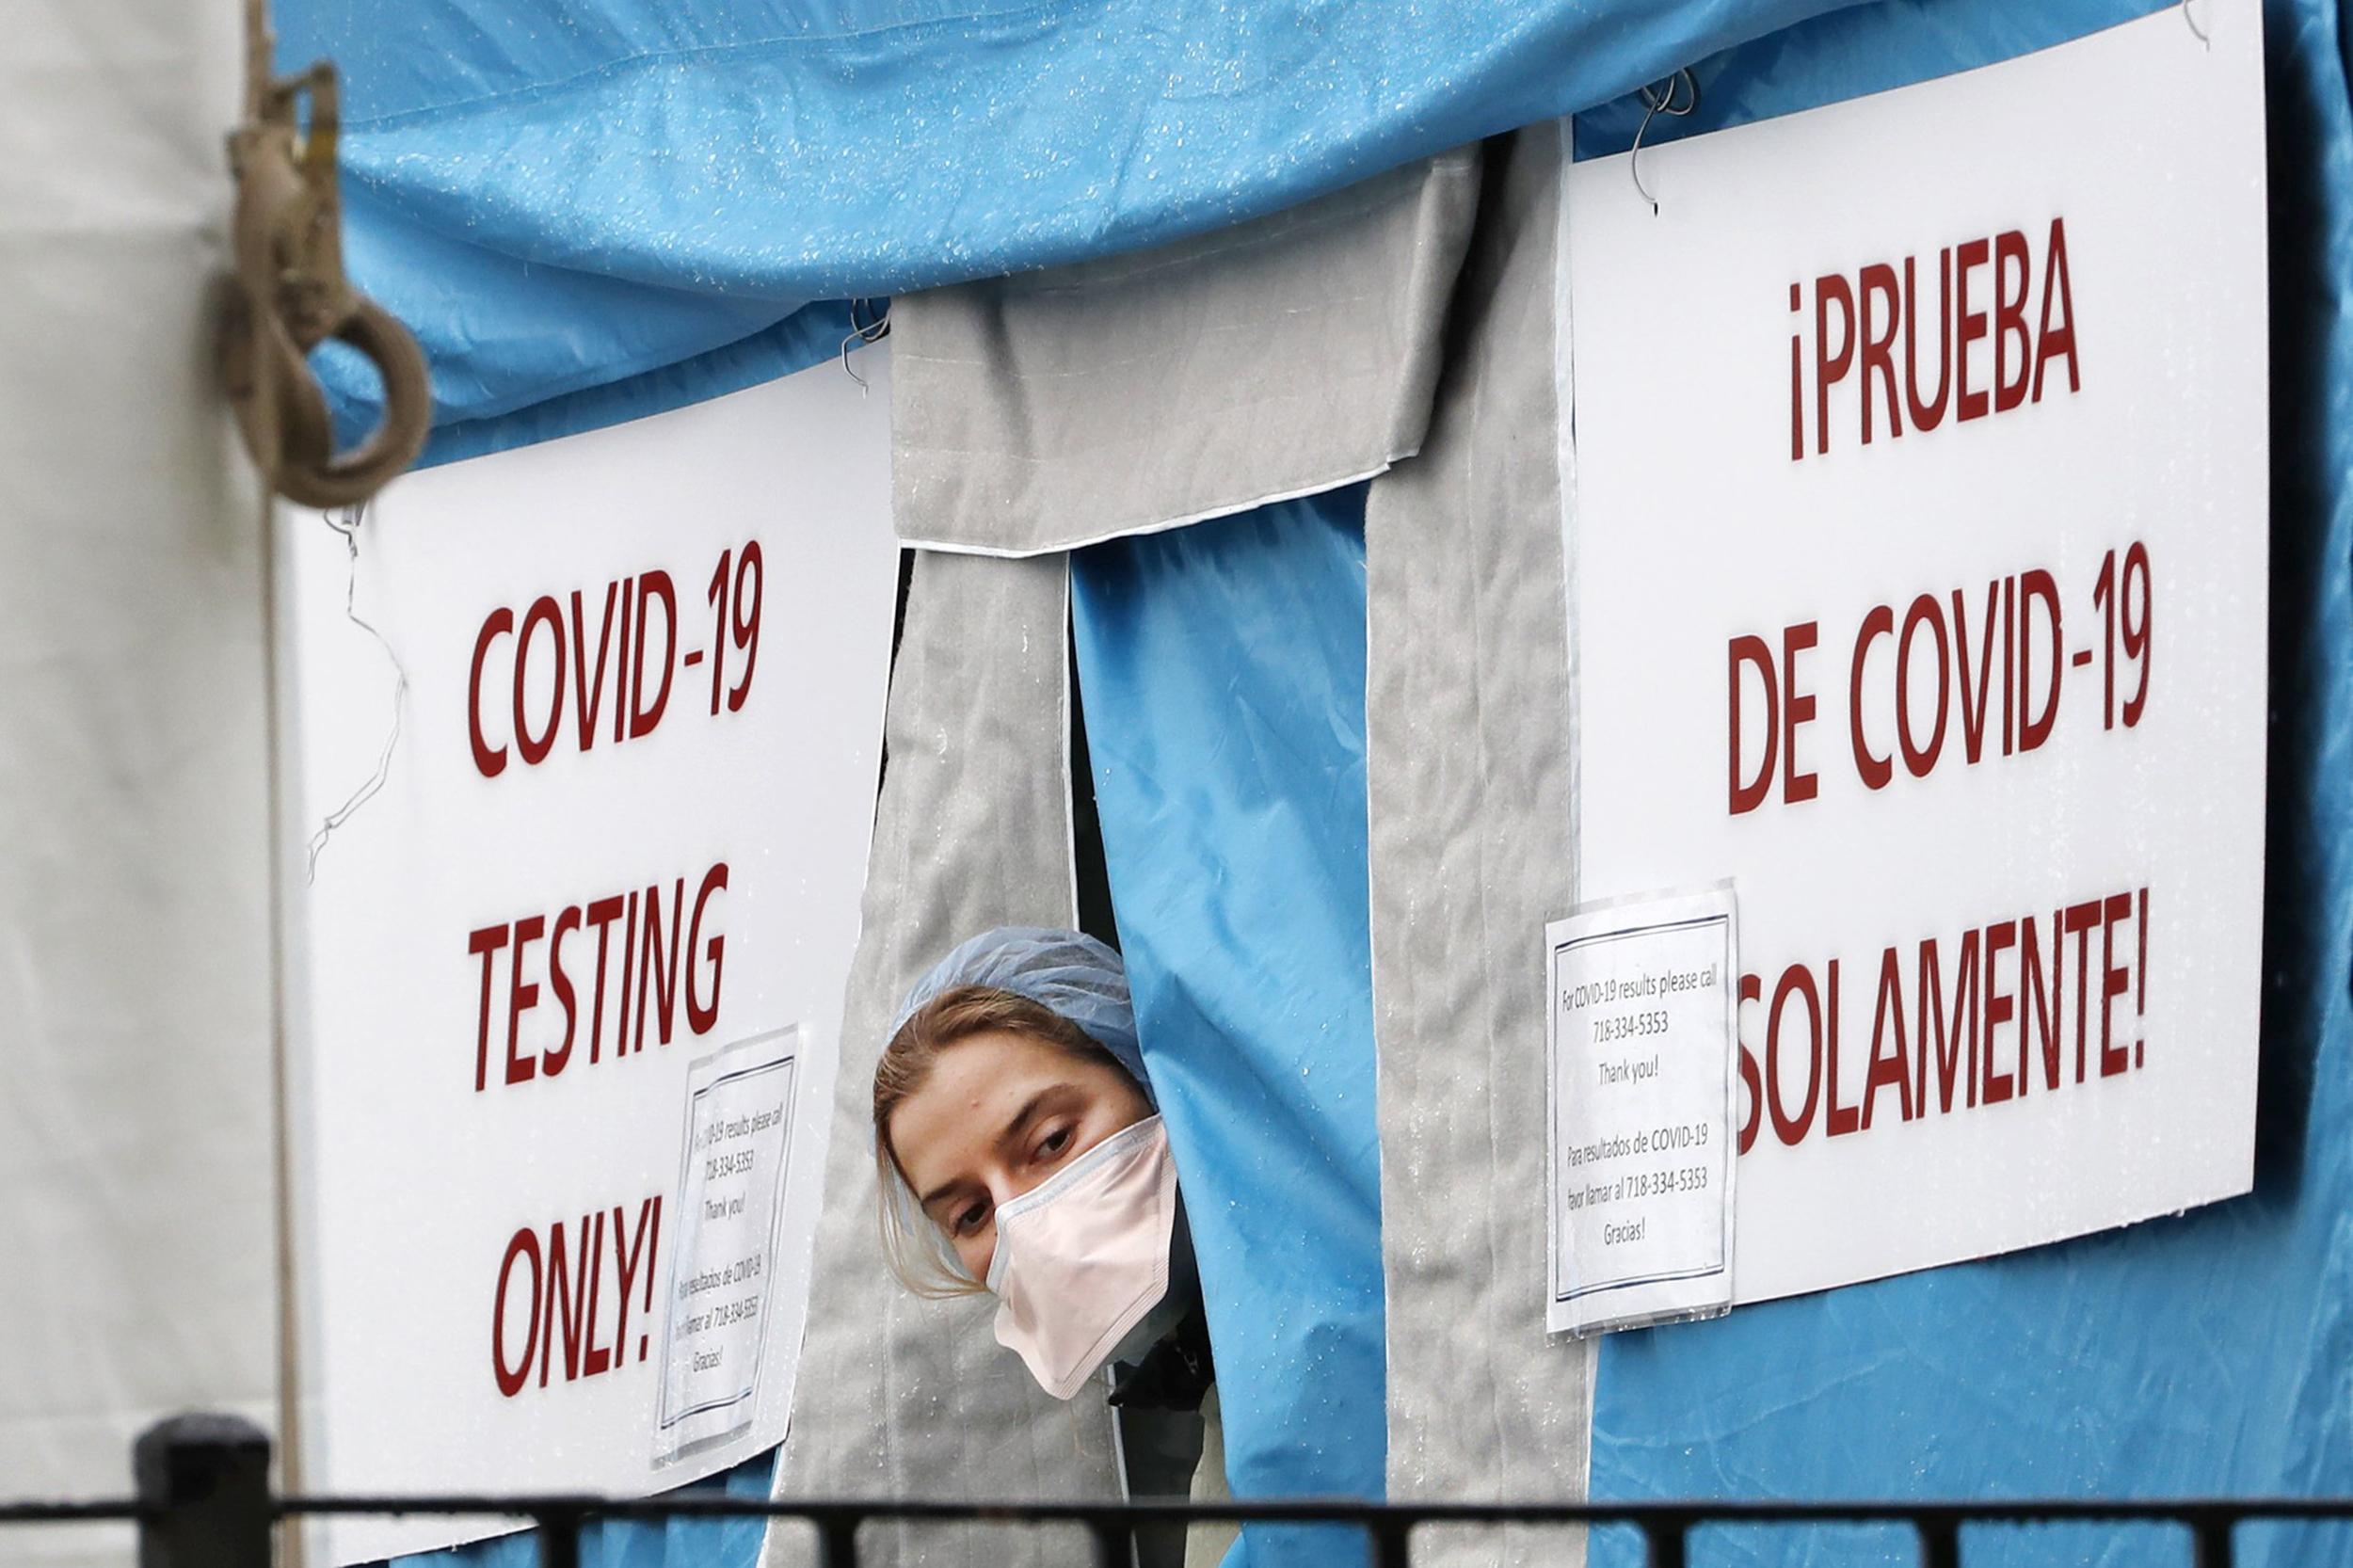 Медицинска радница гледа кроз шатор постављен испред једне од њујоршких болница за тестирање на COVID-19, 28. март 2020. (Фото: AP Photo/Kathy Willens)